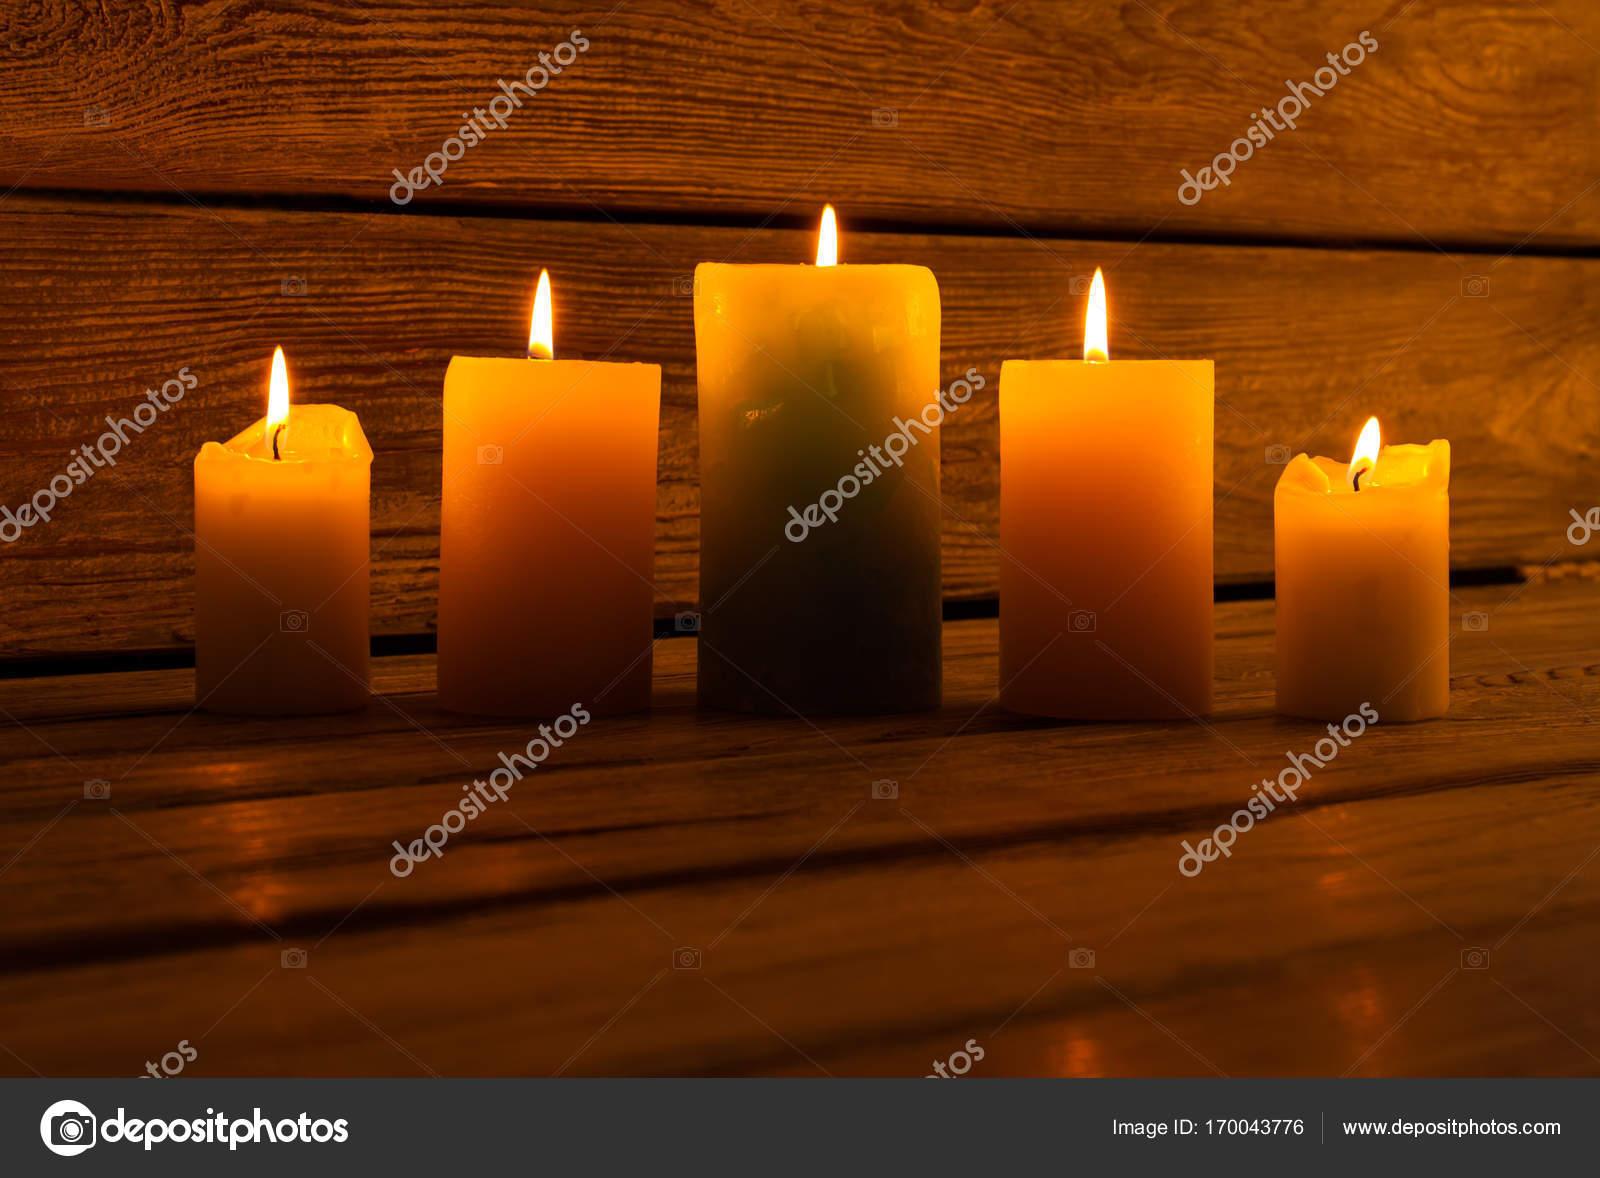 Wiersz Z świece Filar Zdjęcie Stockowe Margostock 170043776